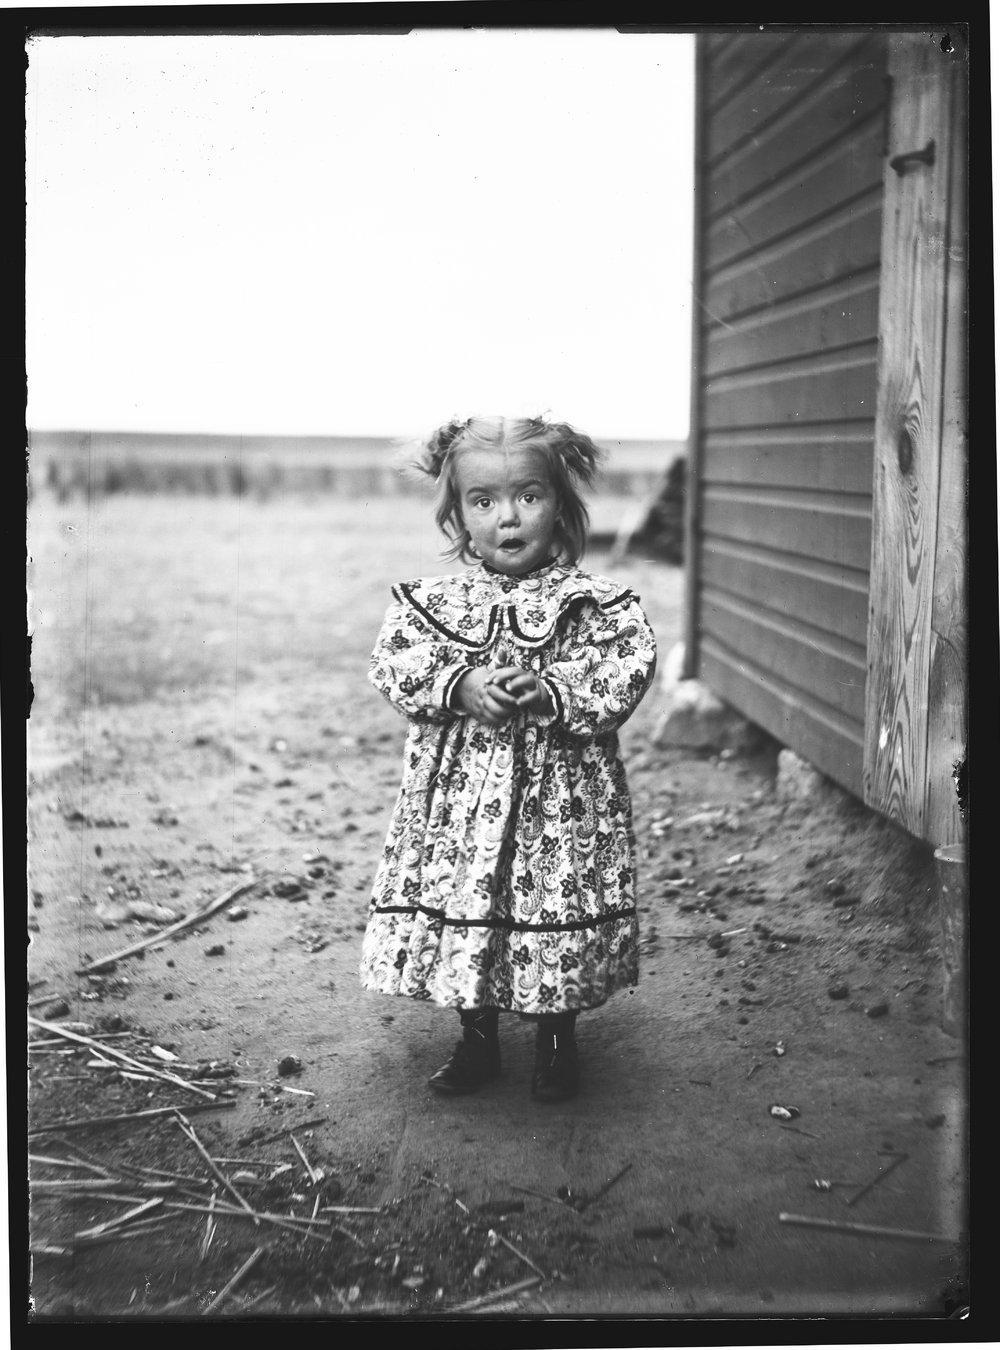 Golden Charles Dresher photograph collection - A little girl, Margaret Helen Dresher, standing outside of the G.C. Dresher farm in Finney County, Kansas in 1908 (Neg. 5)